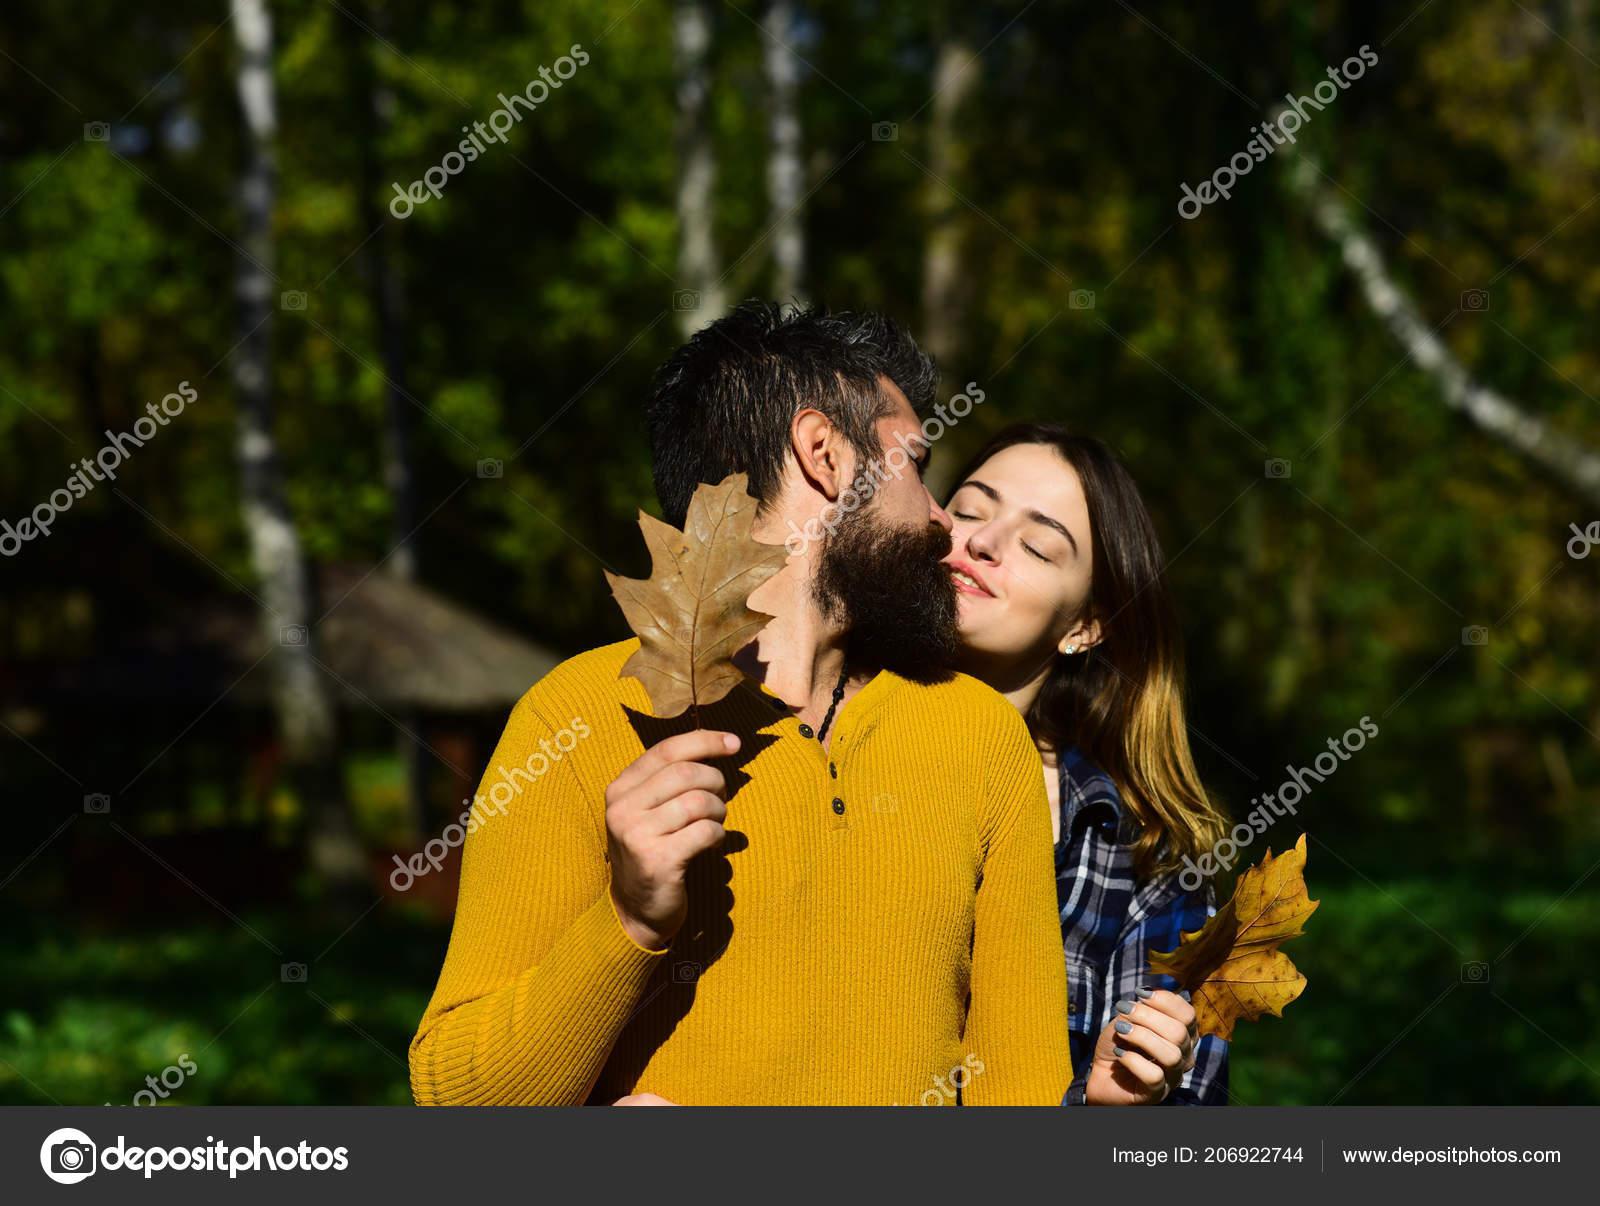 coppia e una datazione di ricambio 20 e 26 anni datazione